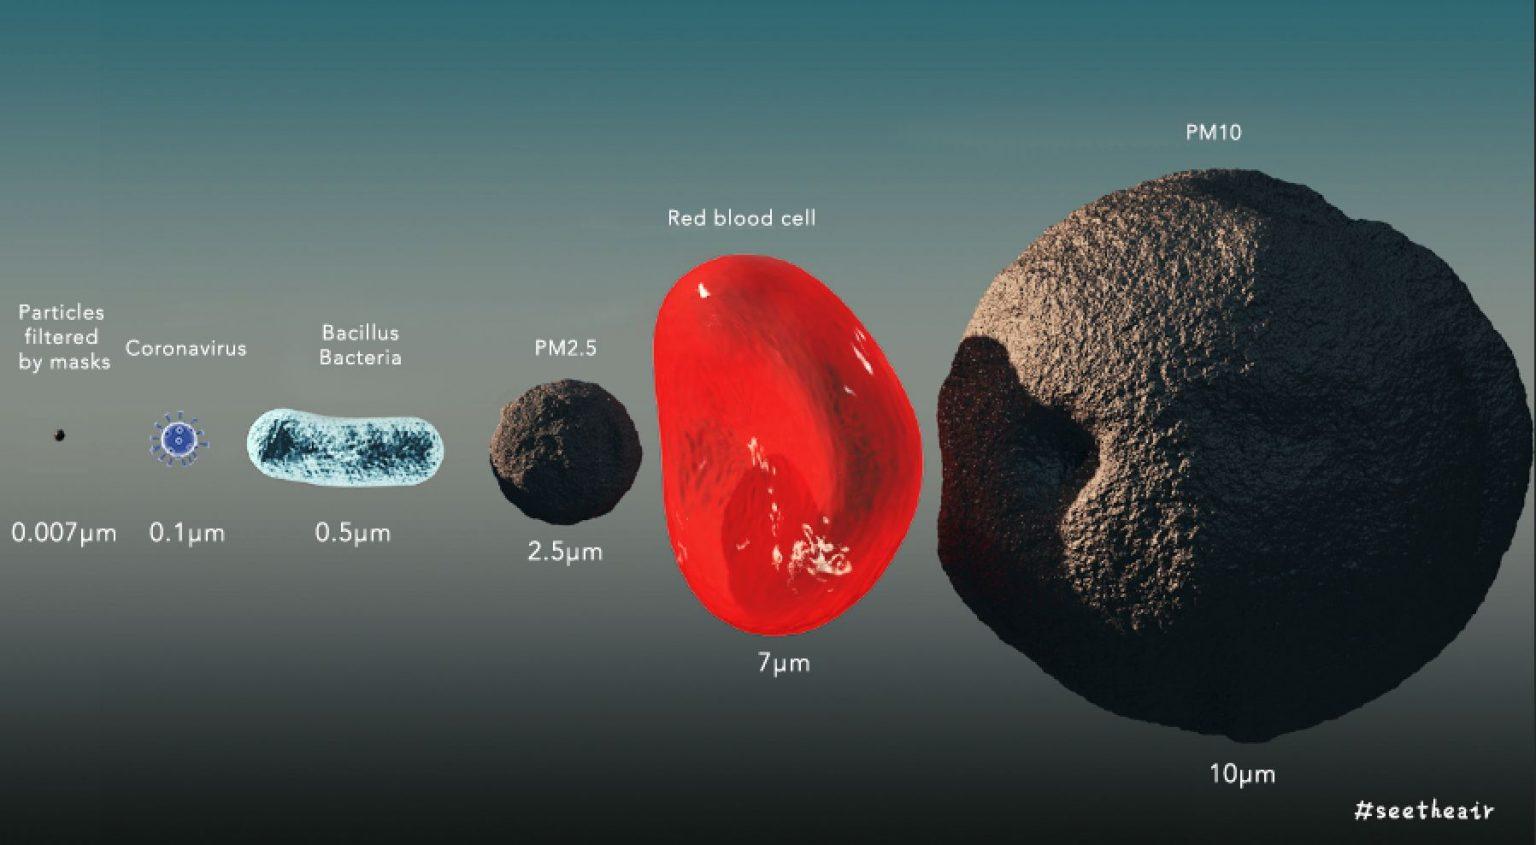 Kích thước & độ lớn của Corona Covid-19 là từ 125nm – 140nm ( tương đương 0,125 micron – 0,140 micron), nhỏ hơn bụi min PM 2.5. Nguồn Wikipedia.